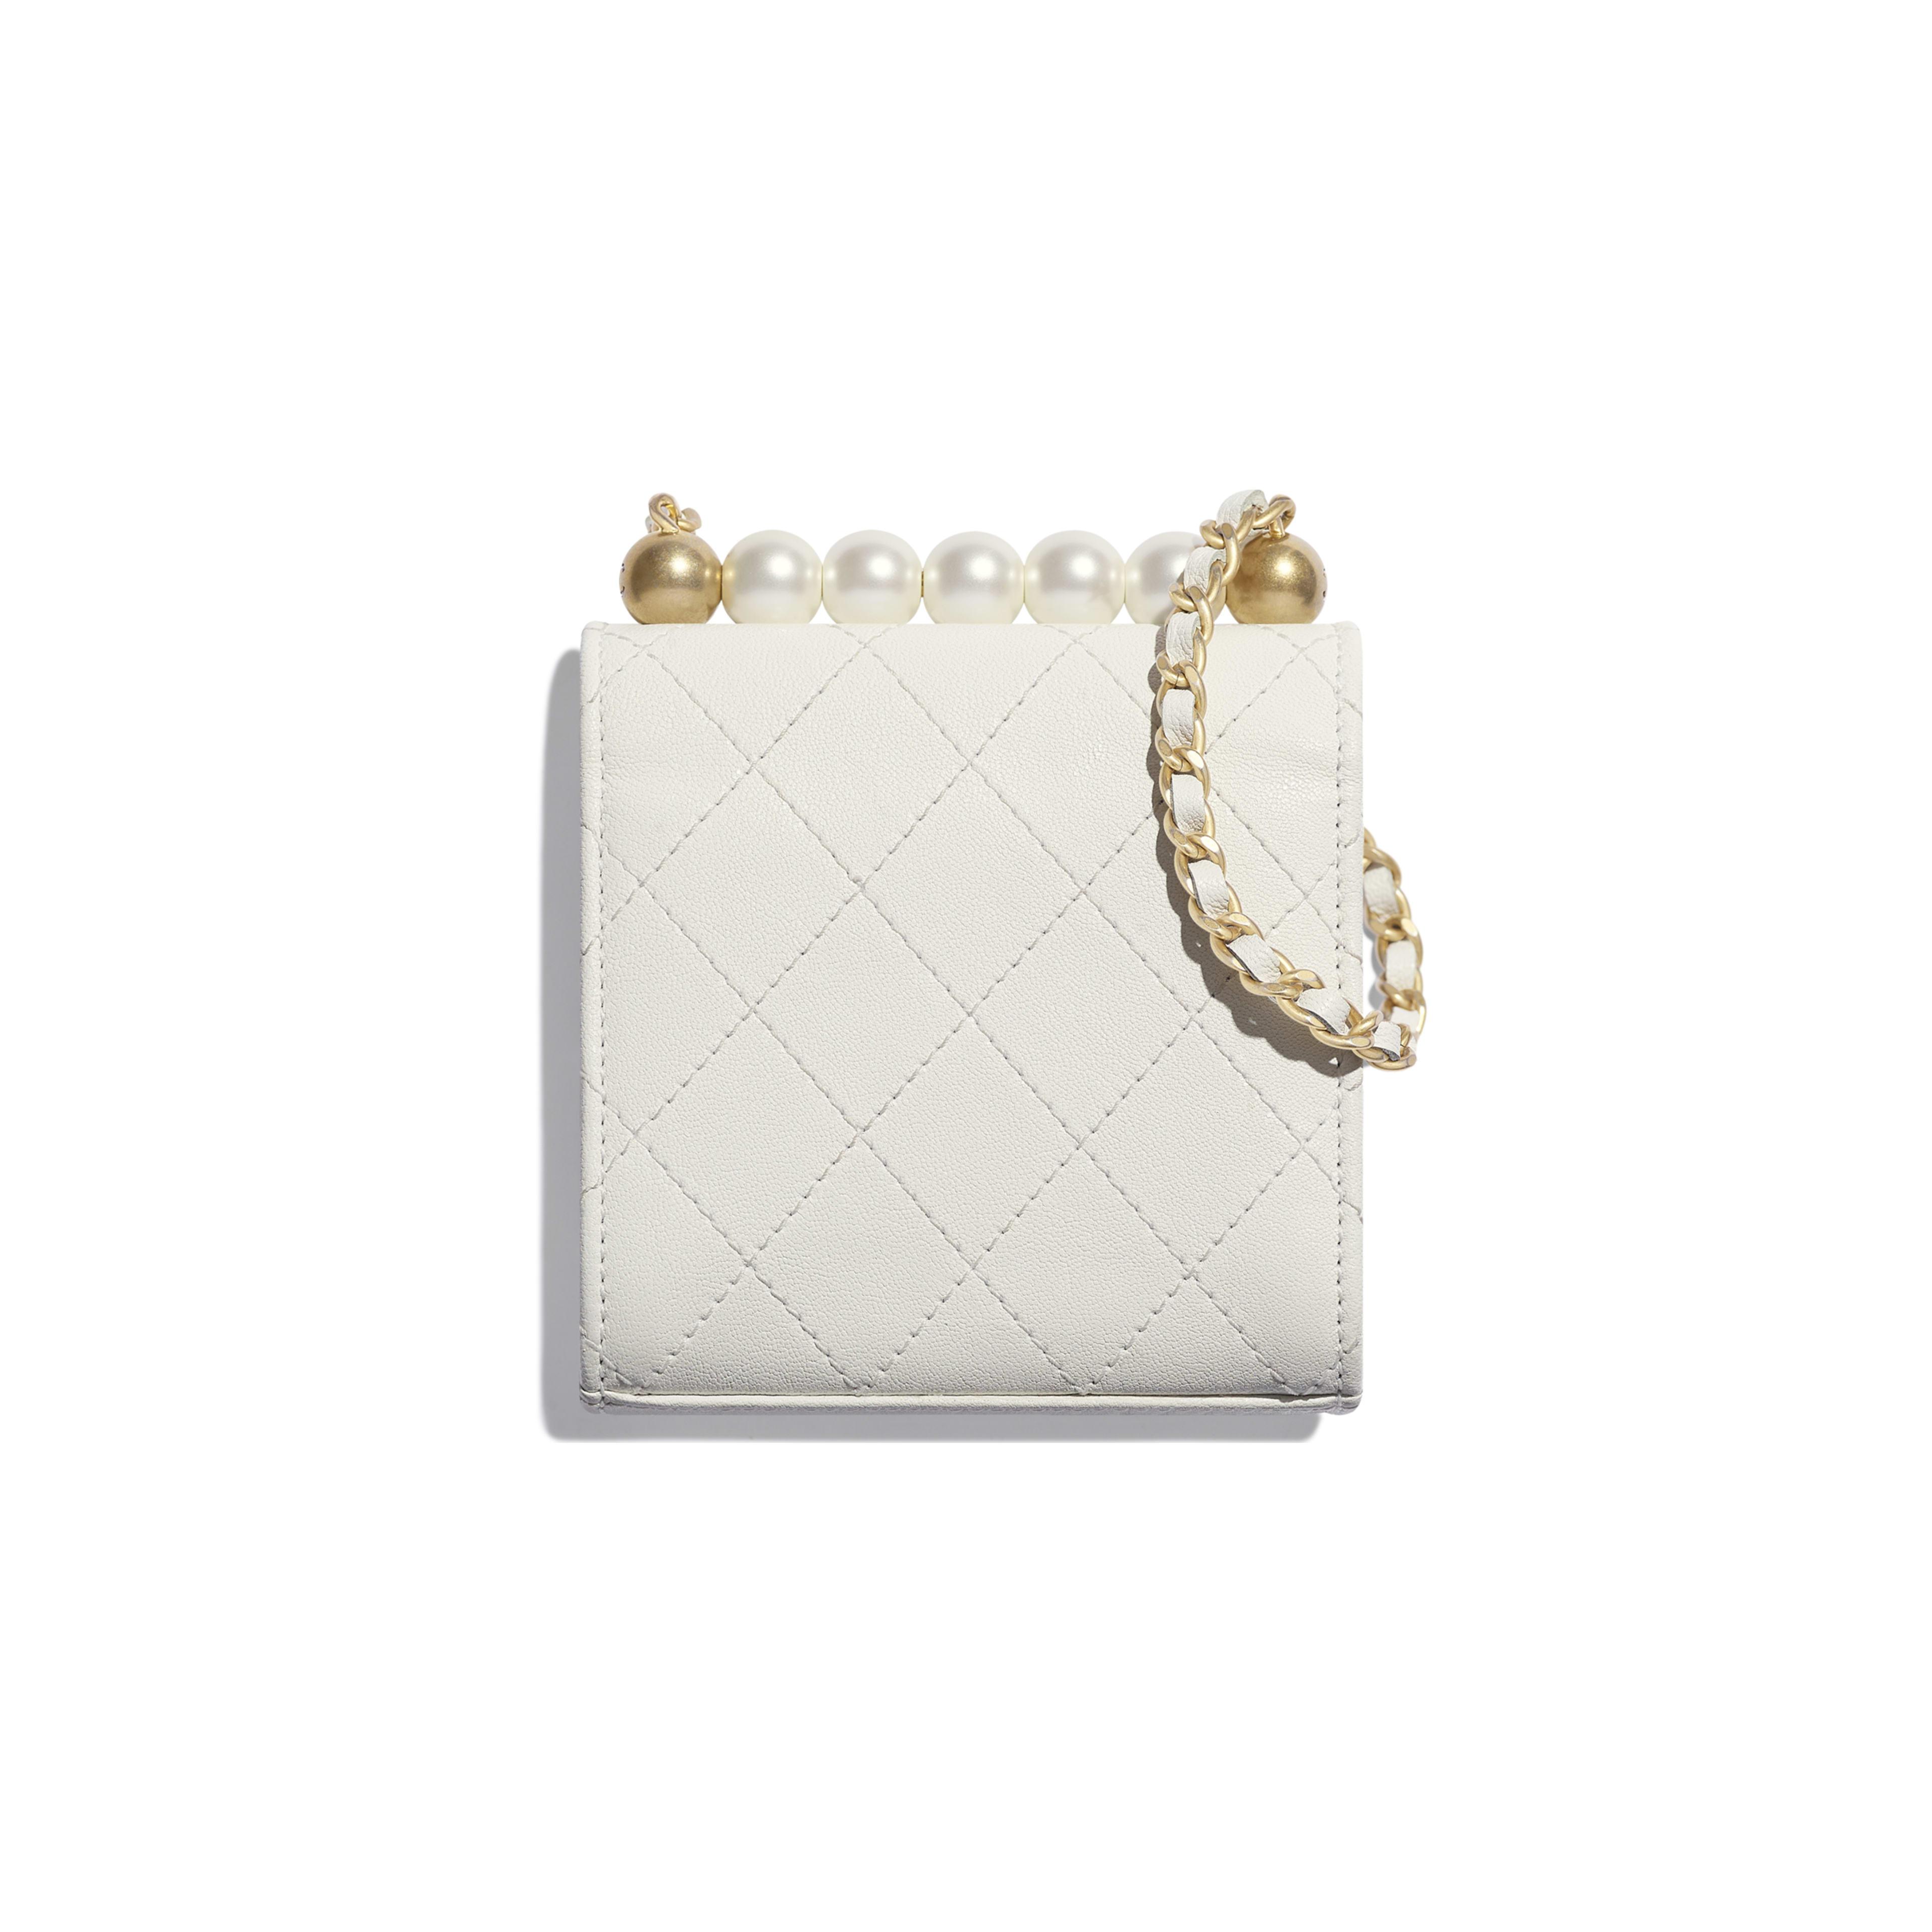 กระเป๋าคลัทช์พร้อมสายโซ่ - สีขาว - หนังแพะ, มุกสังเคราะห์ และโลหะสีทอง - มุมมองทางอื่น - ดูเวอร์ชันขนาดเต็ม